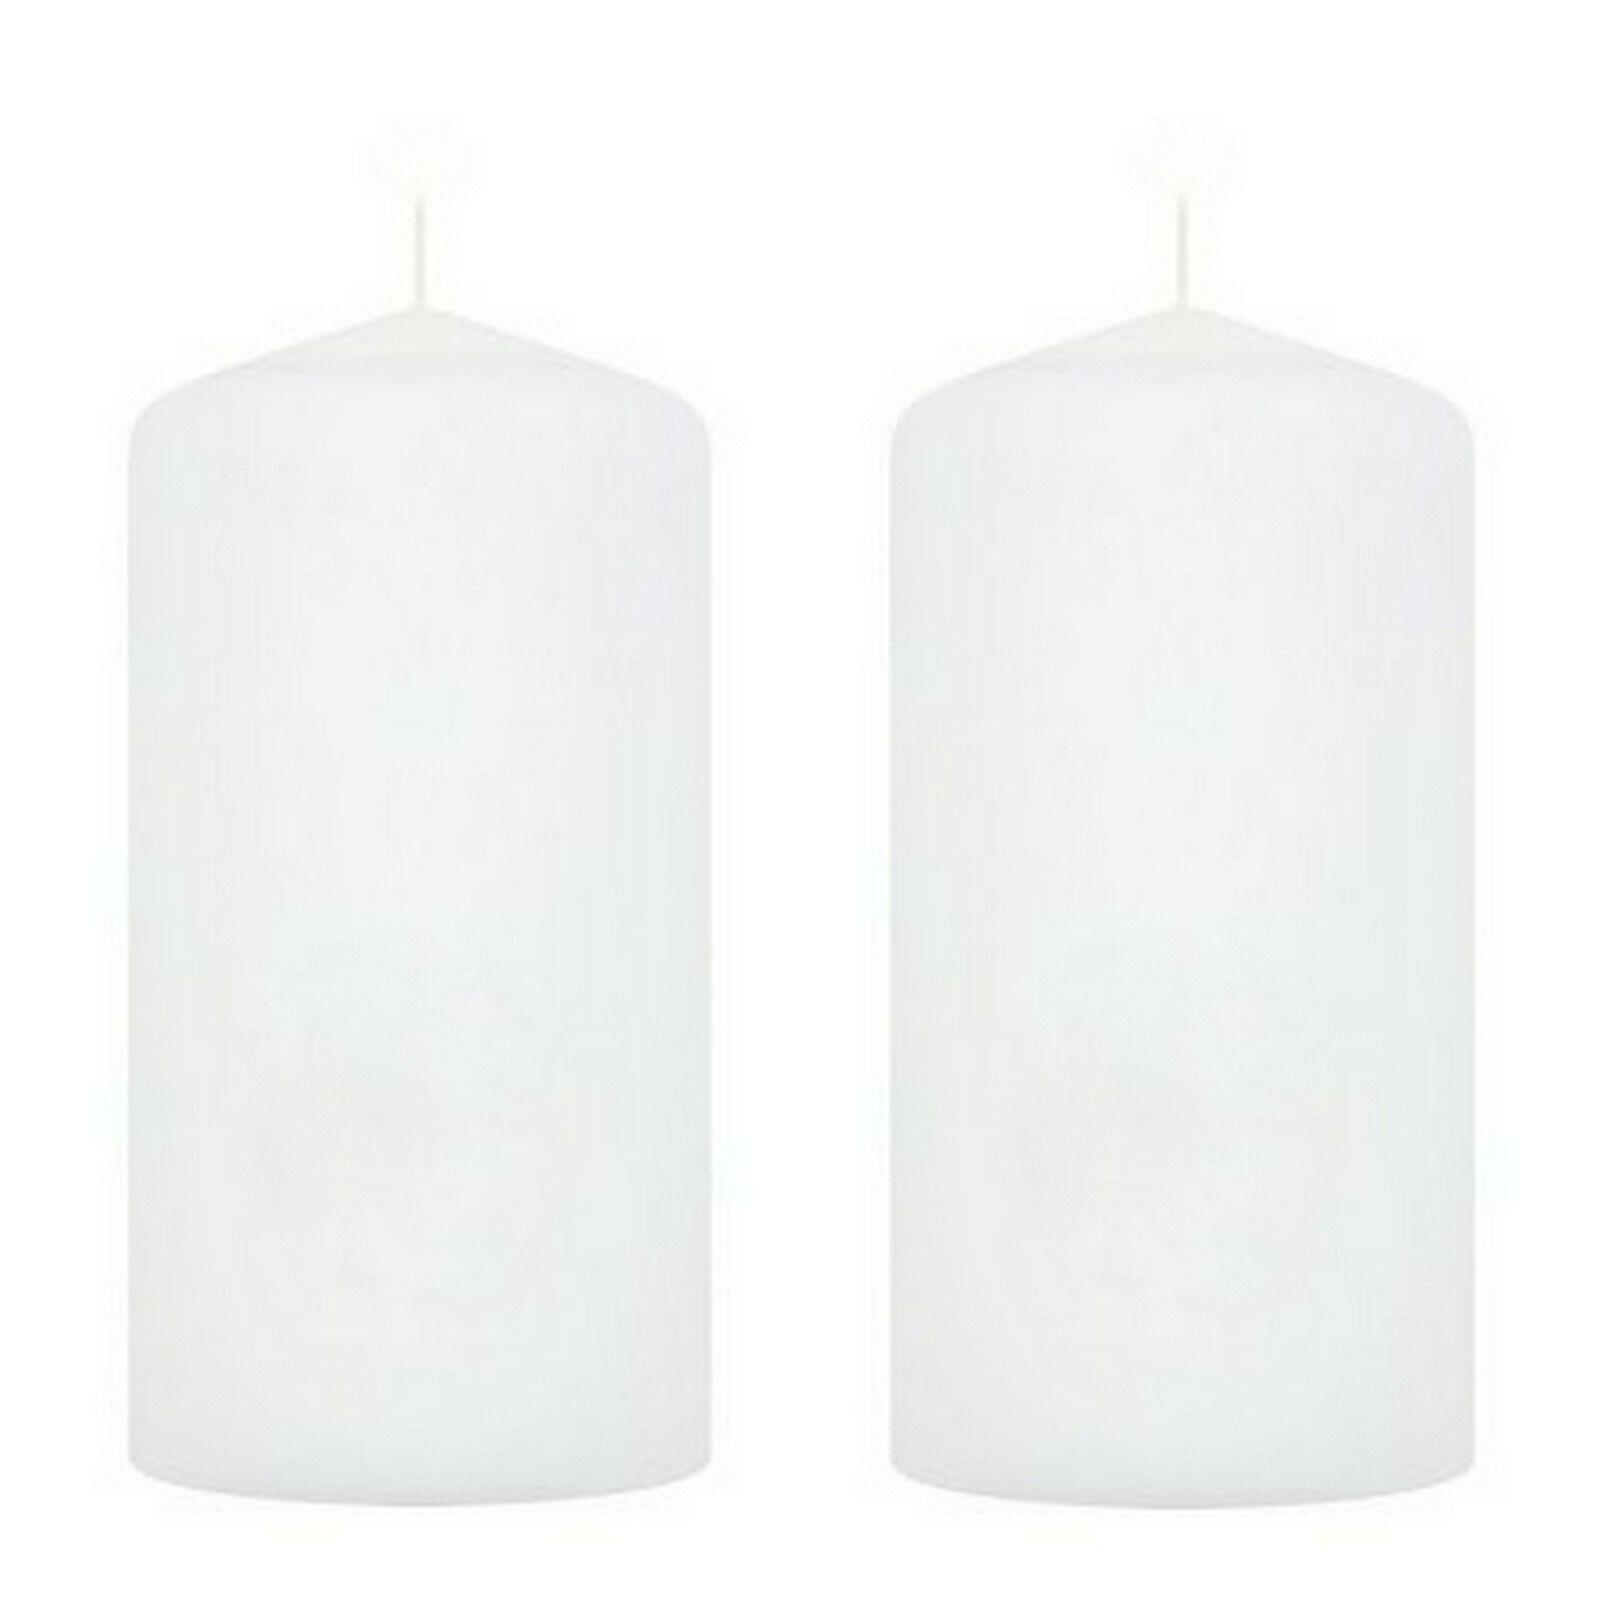 2-4 Stück Stumpenkerzen Groß 200 x 100 mm Stumpen Kerzen Wachs Windlicht Weiß - 2 Stück